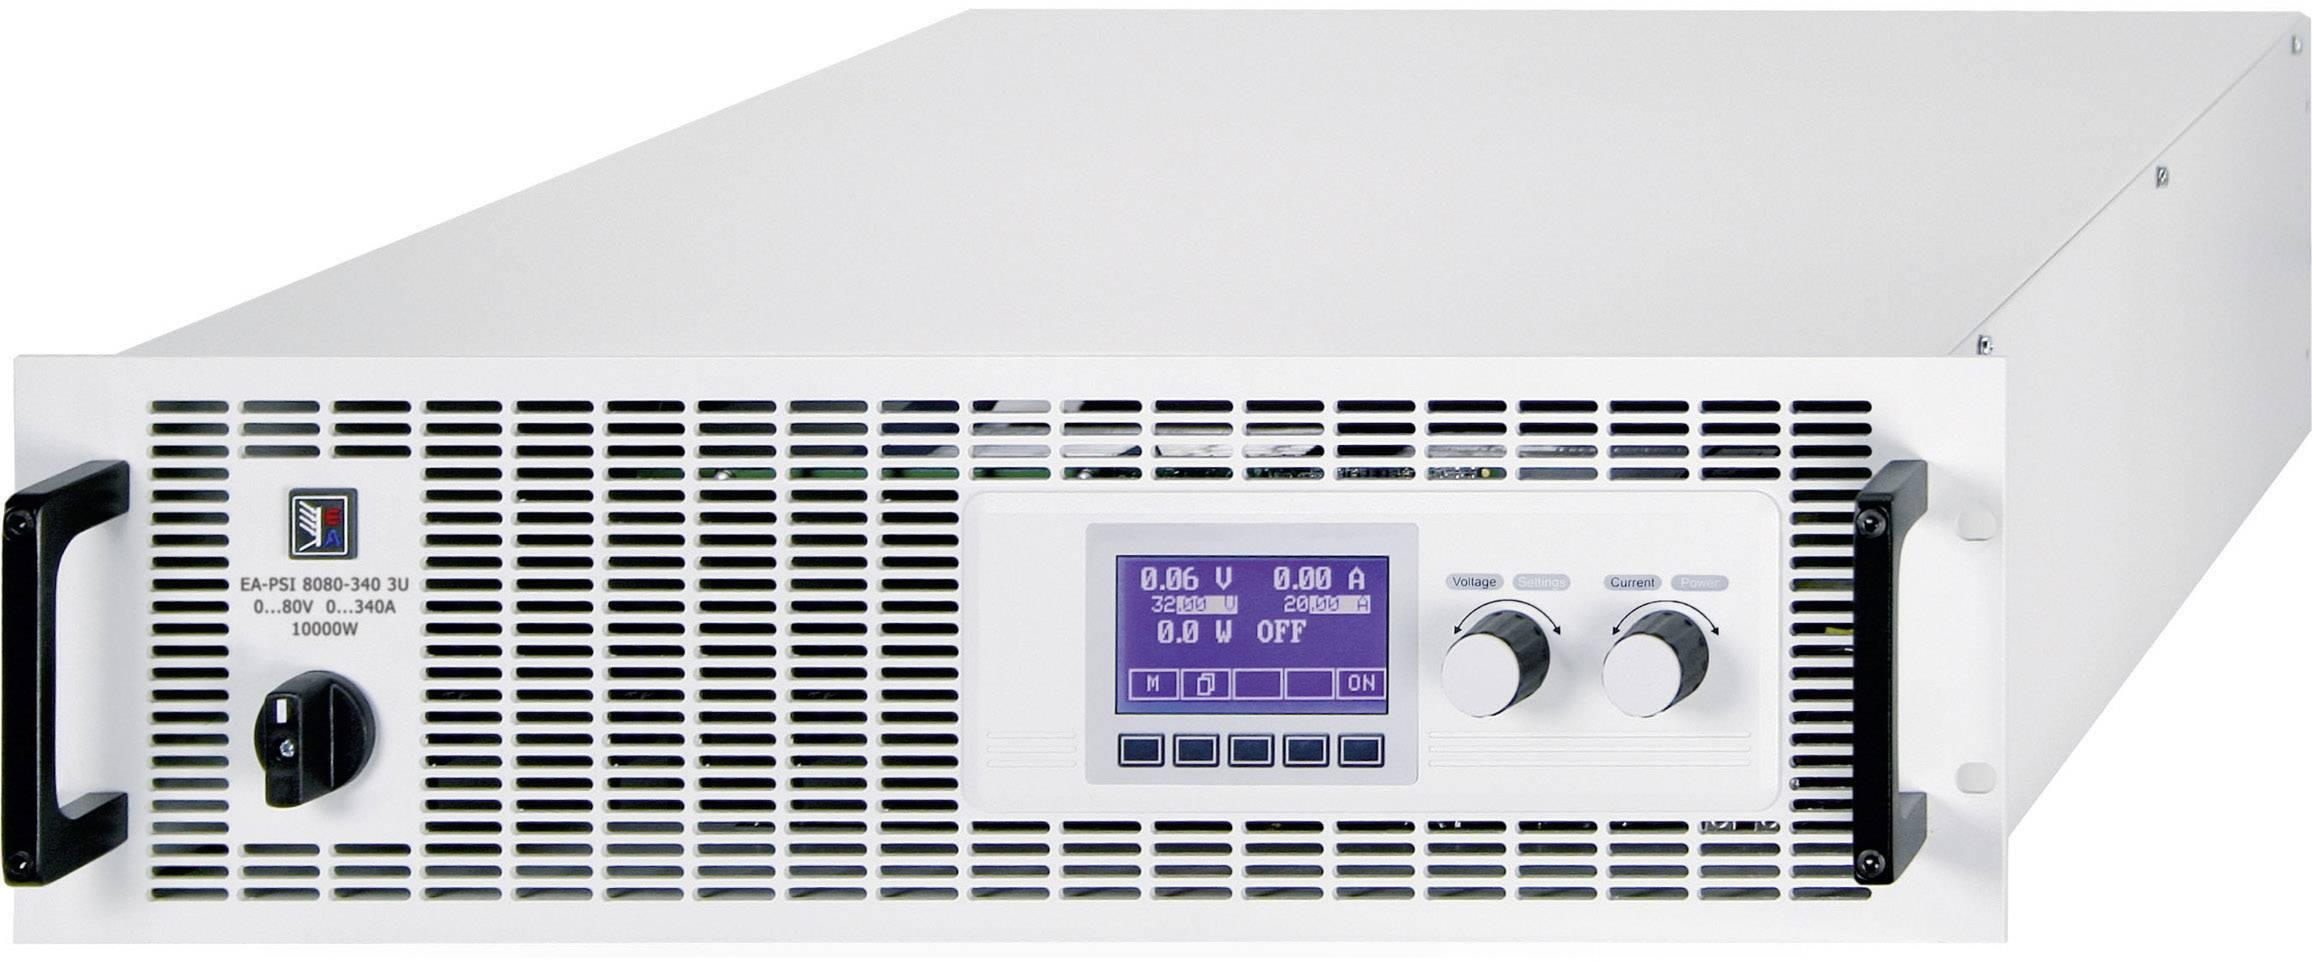 """19"""" laboratórny zdroj s nastaviteľným napätím EA Elektro-Automatik EA-PSI 8240-170 3U, 0 - 240 V/DC, 0 - 170 A"""